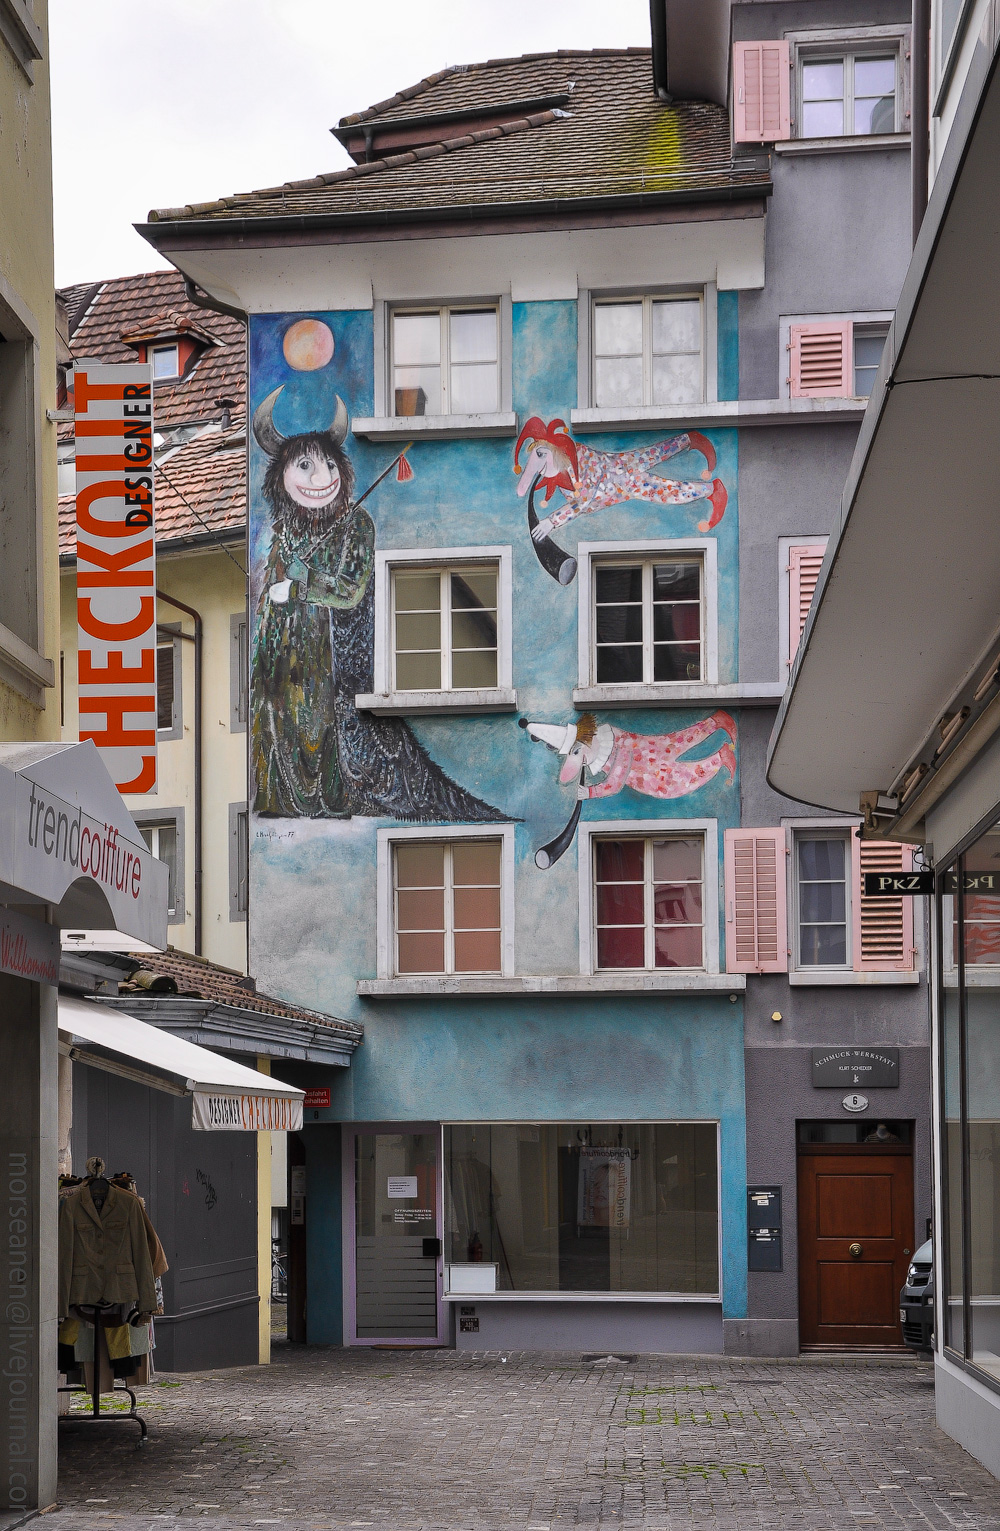 Luzern-(65).jpg